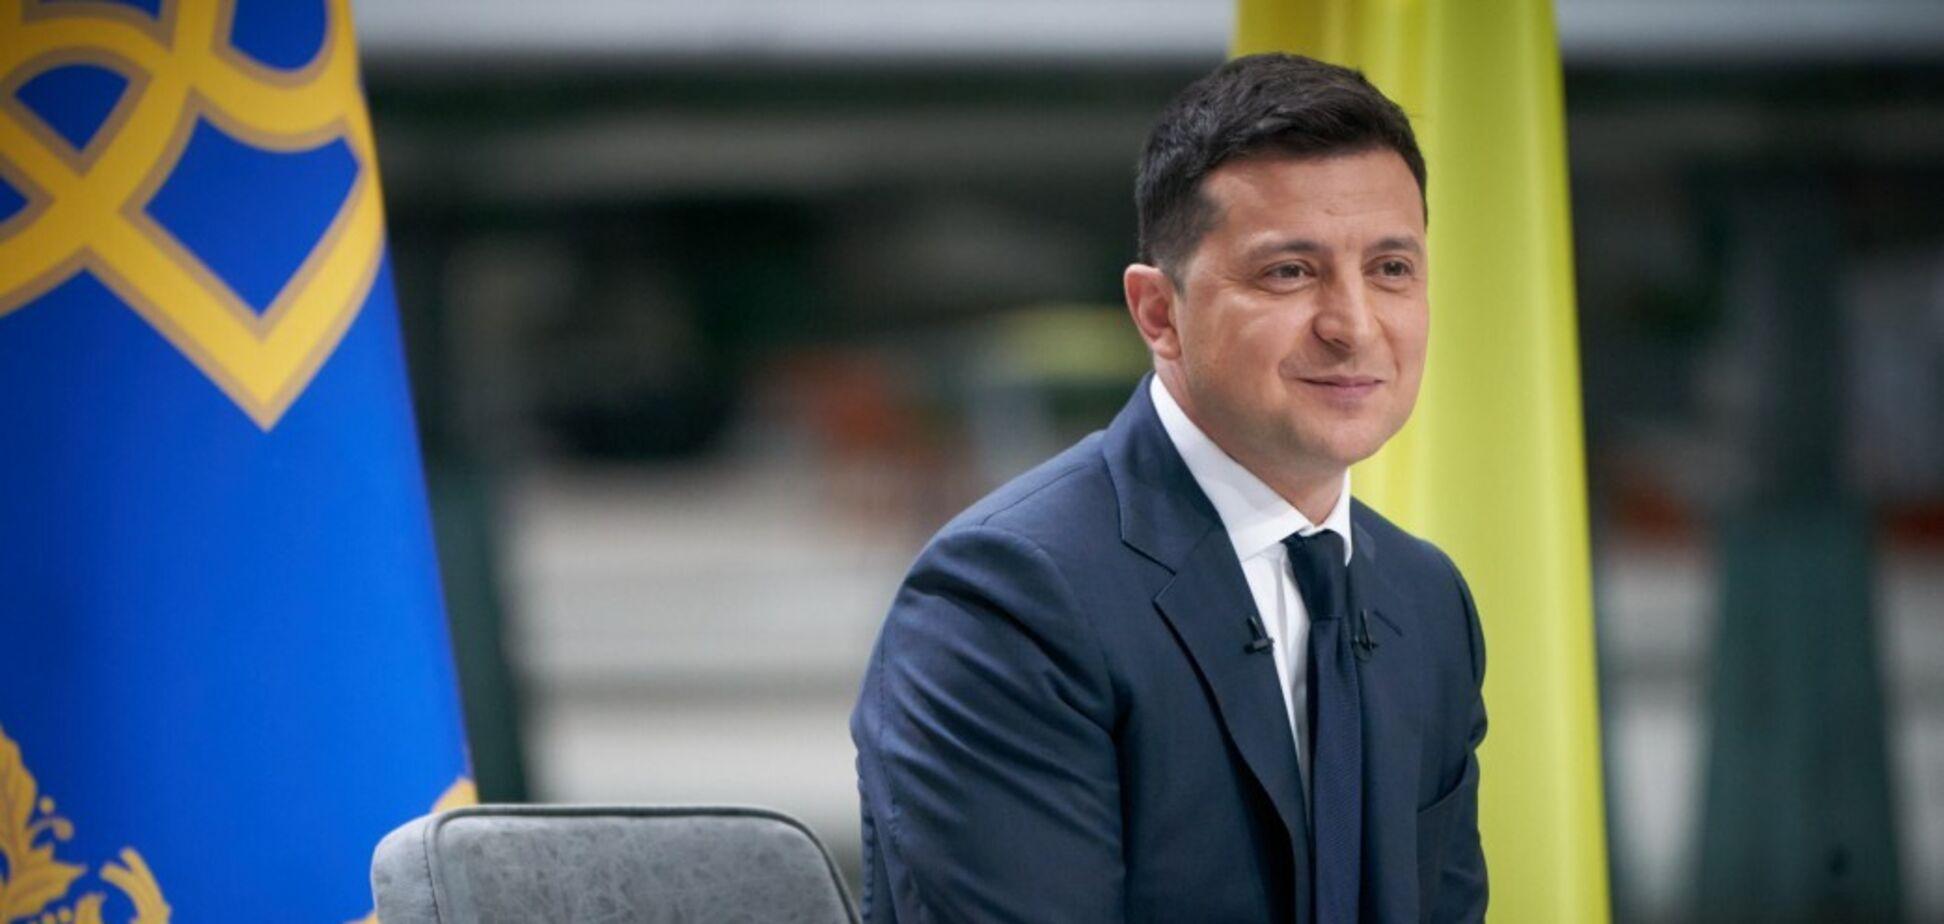 Зеленський заявив, що говорити про другий термін президентства поки зарано